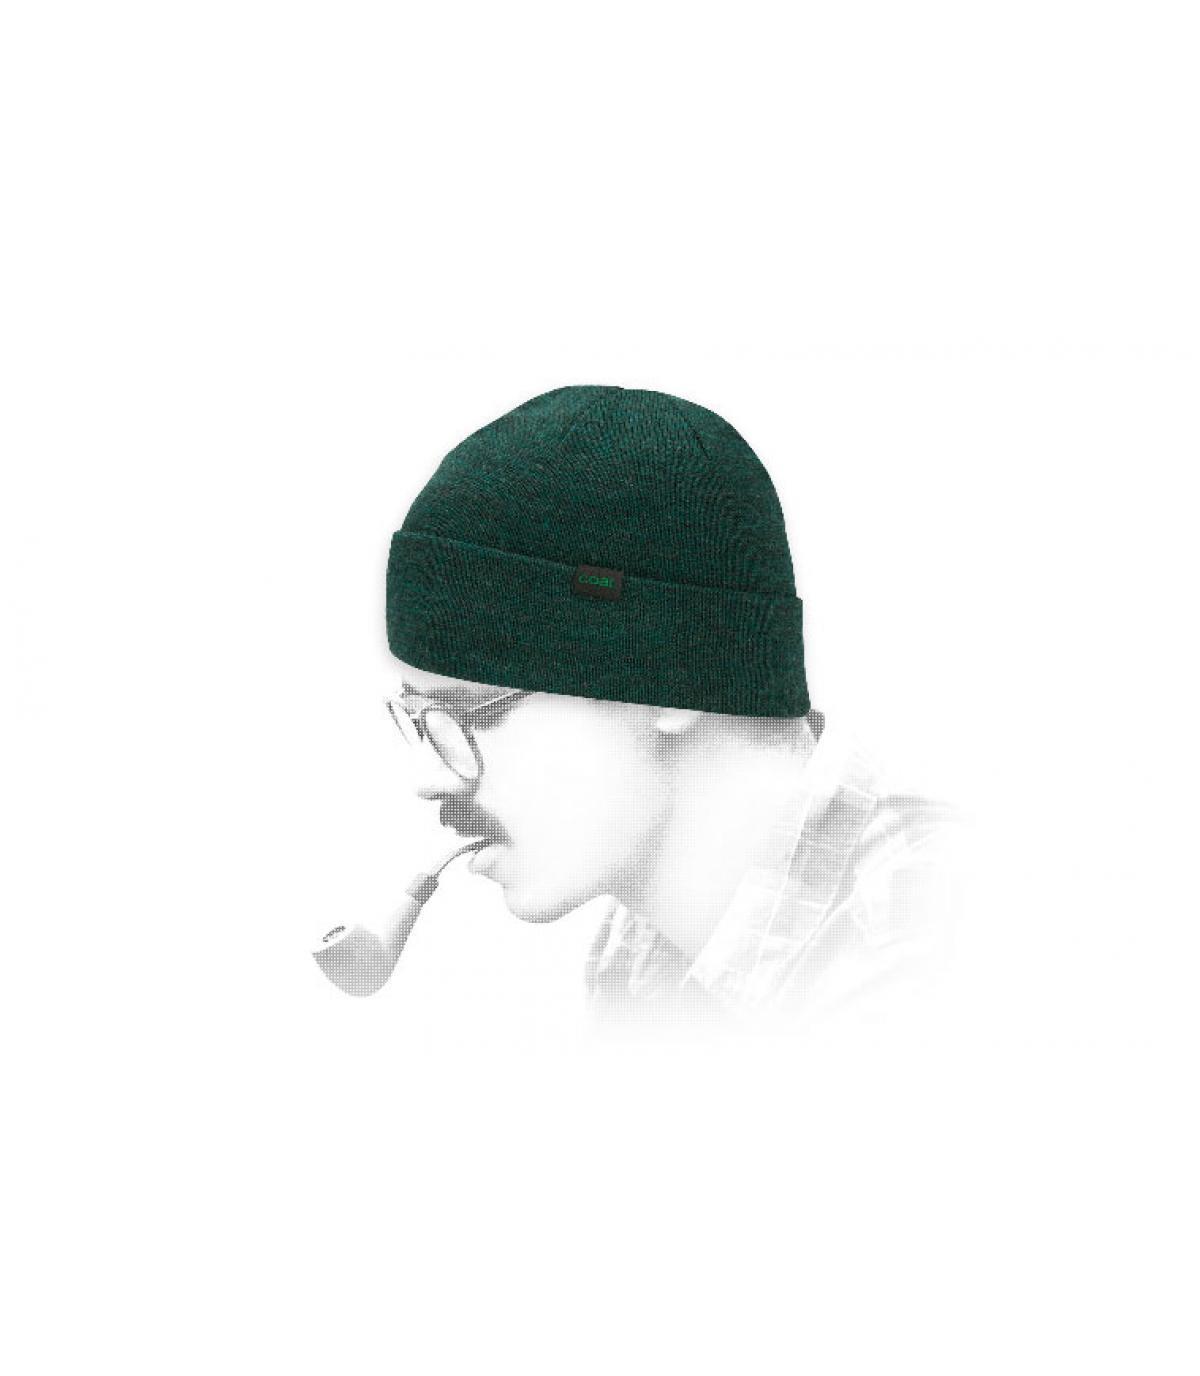 bonnet Coal laine vert